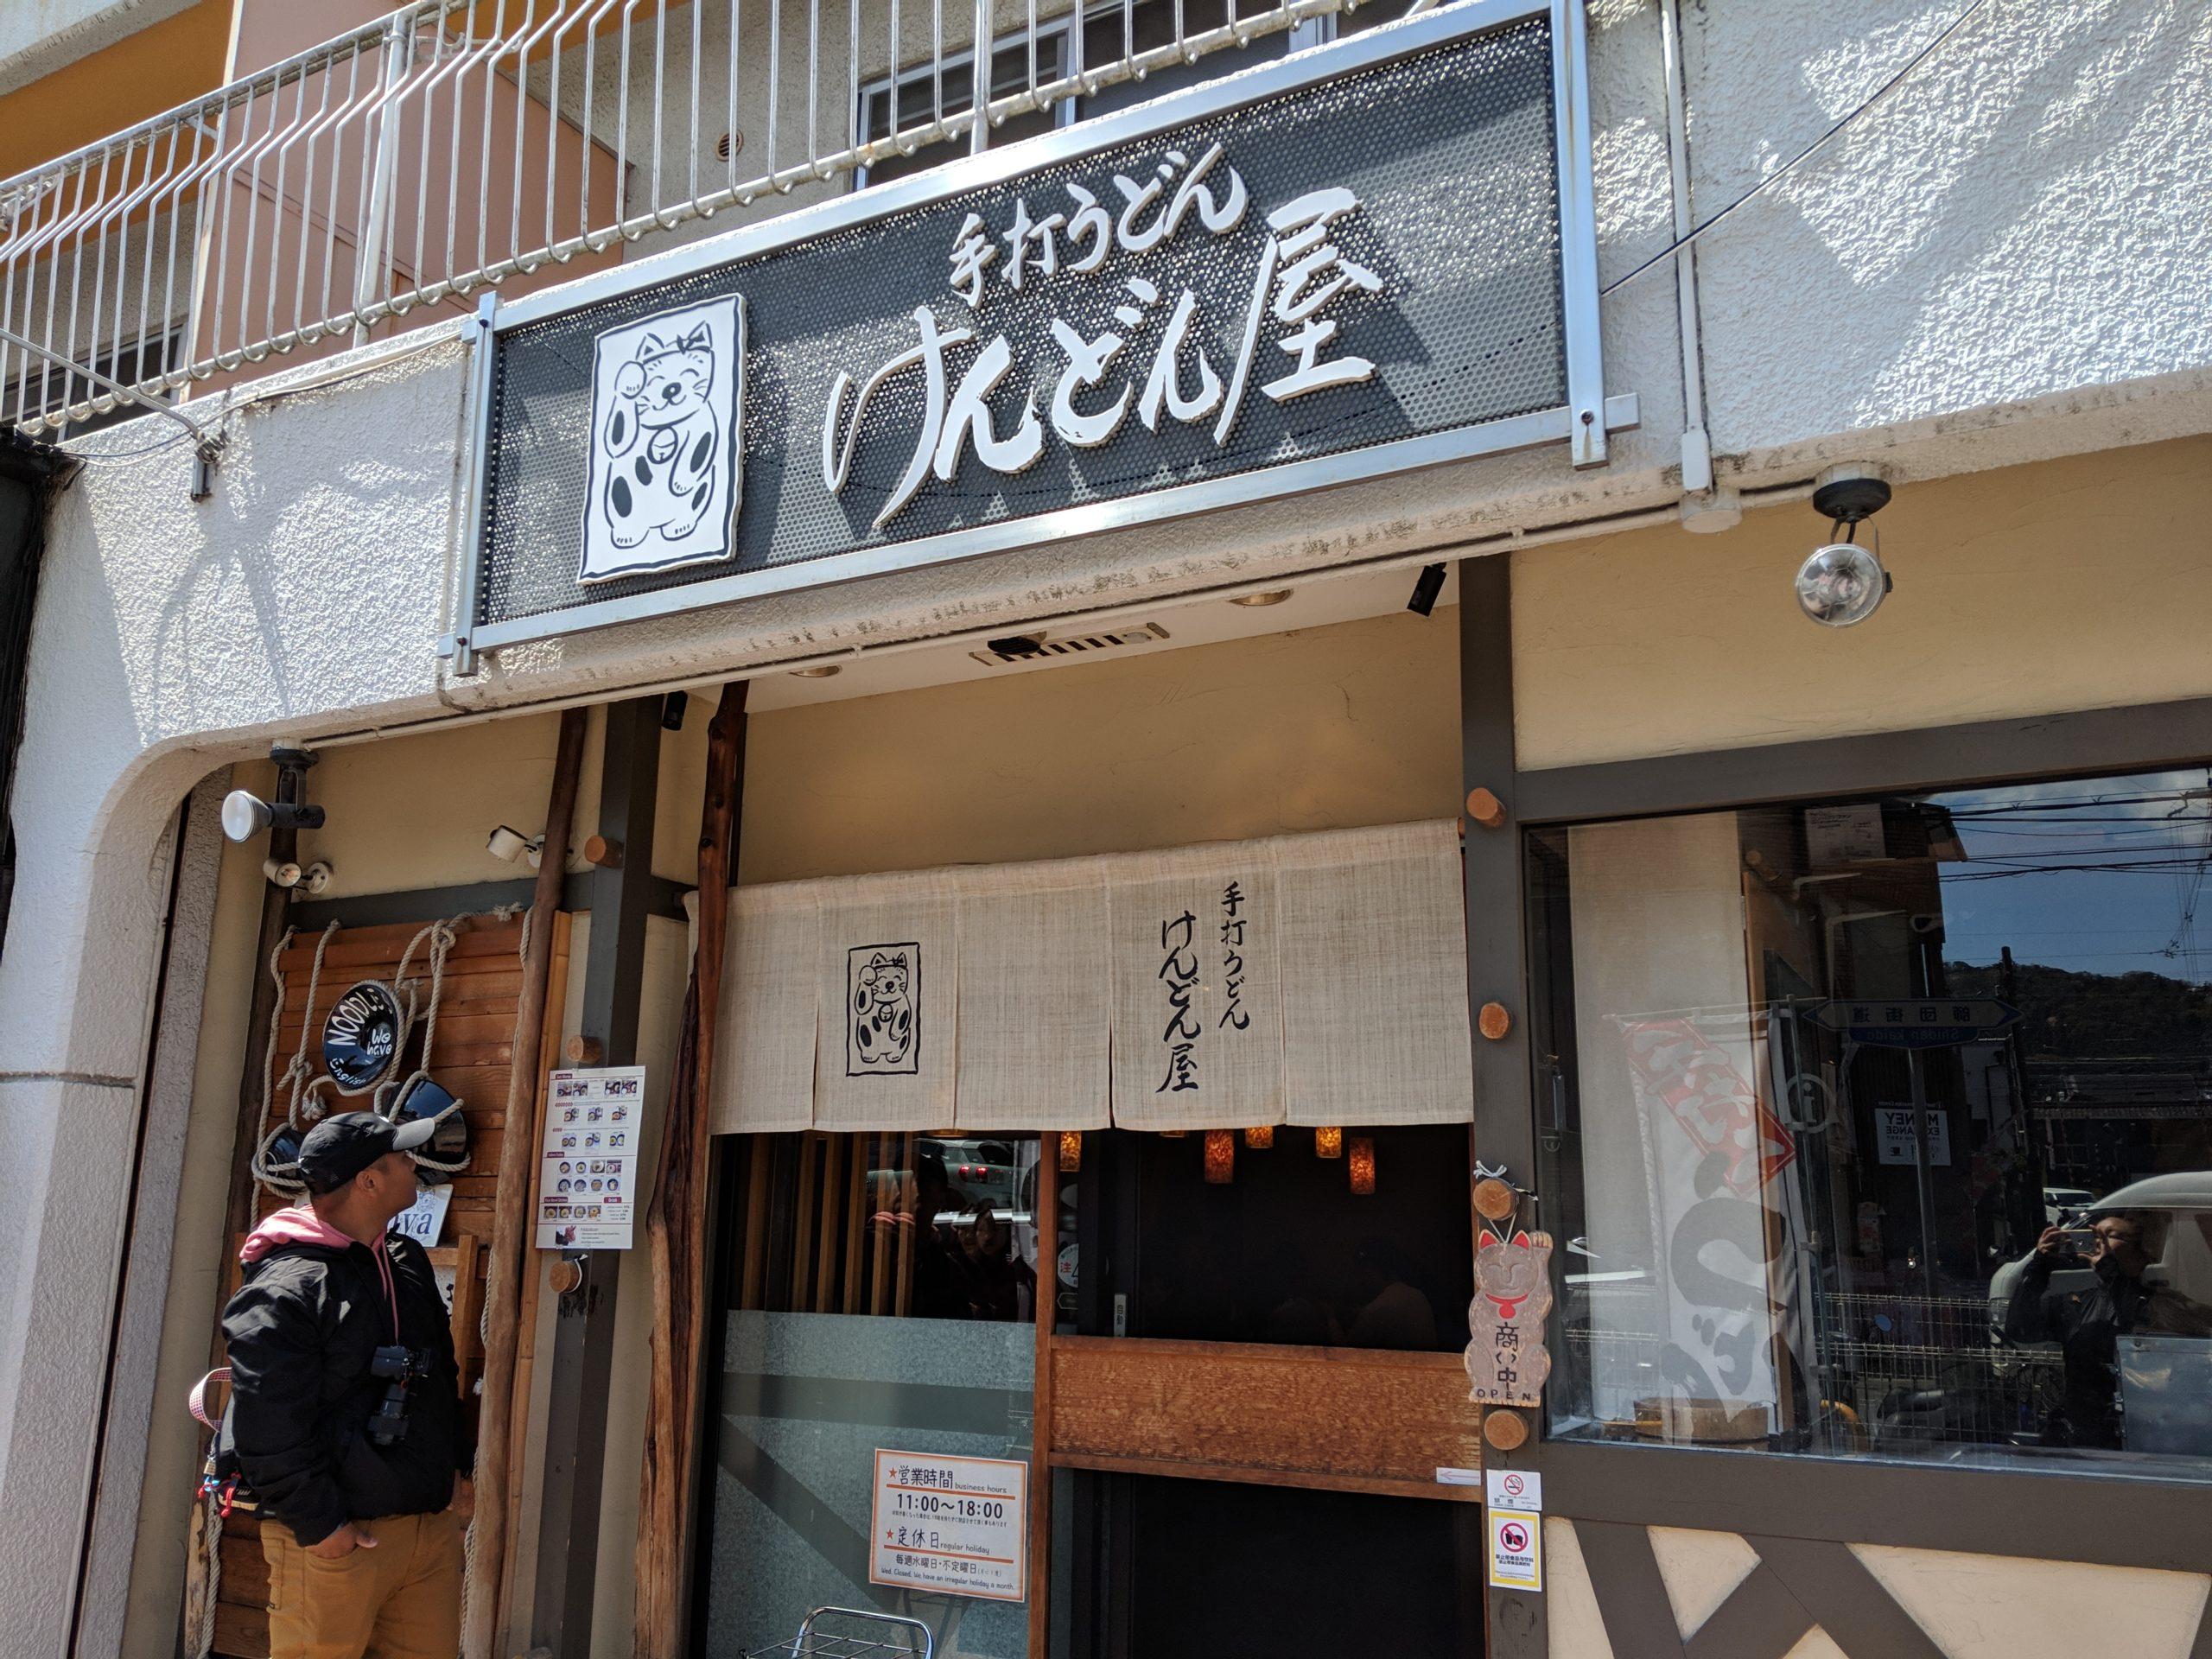 Kendonya storefront, Kyoto